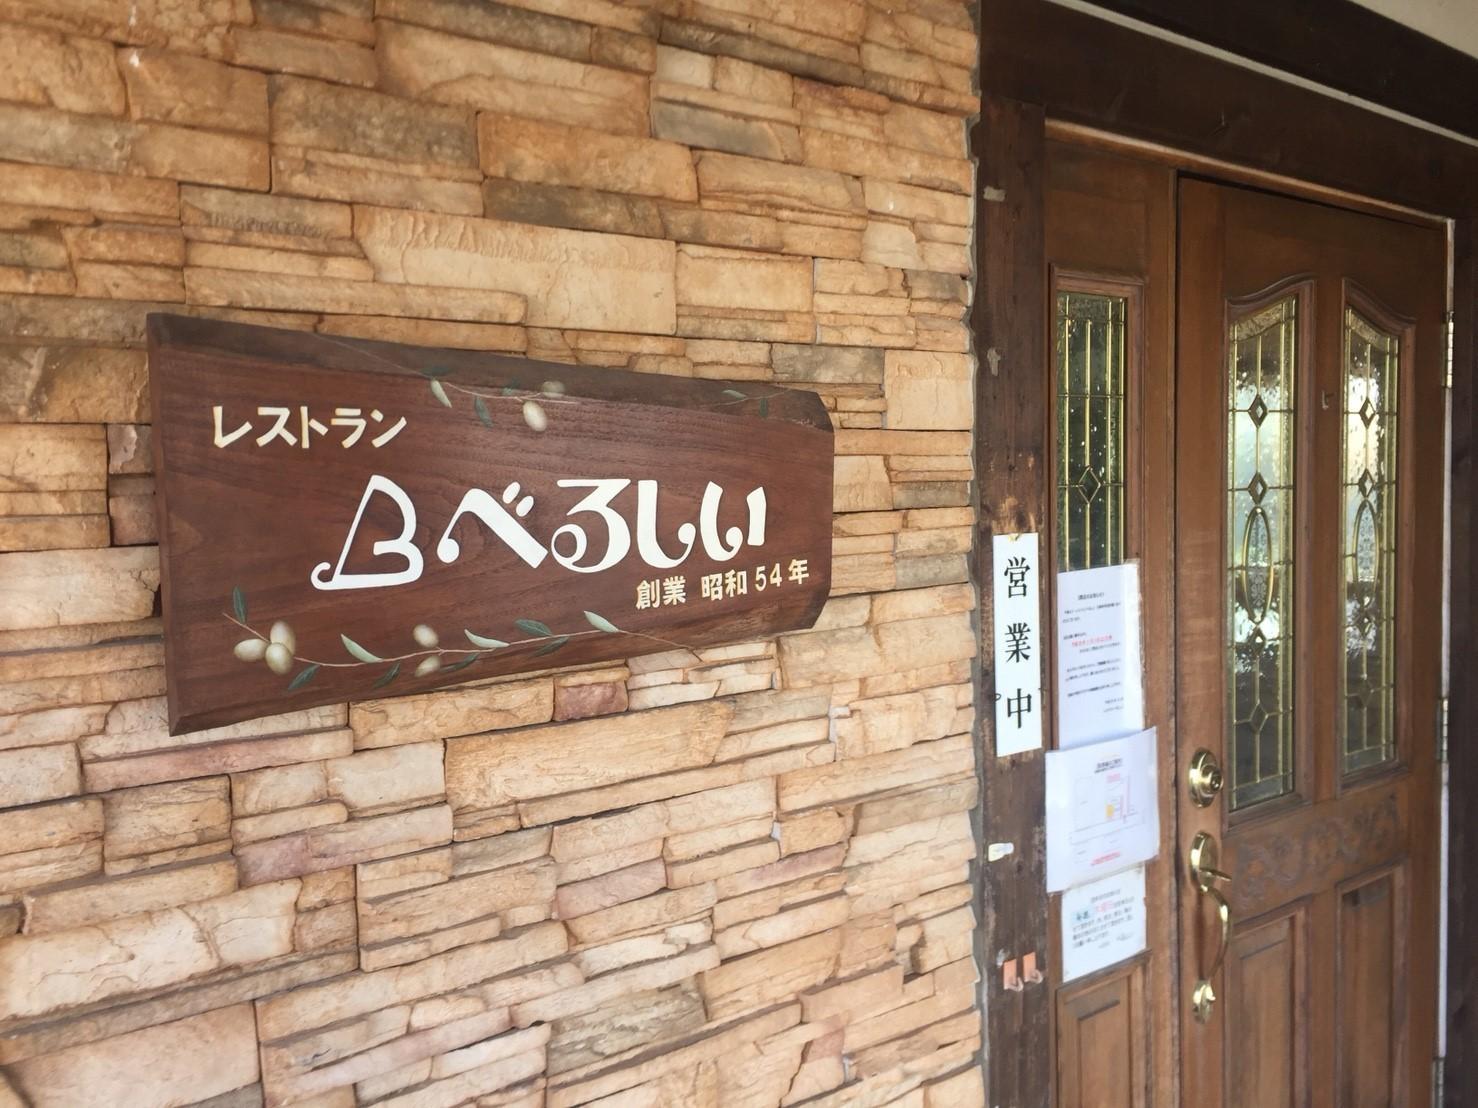 レストラン  べるしい  FINAL_e0115904_03445151.jpg